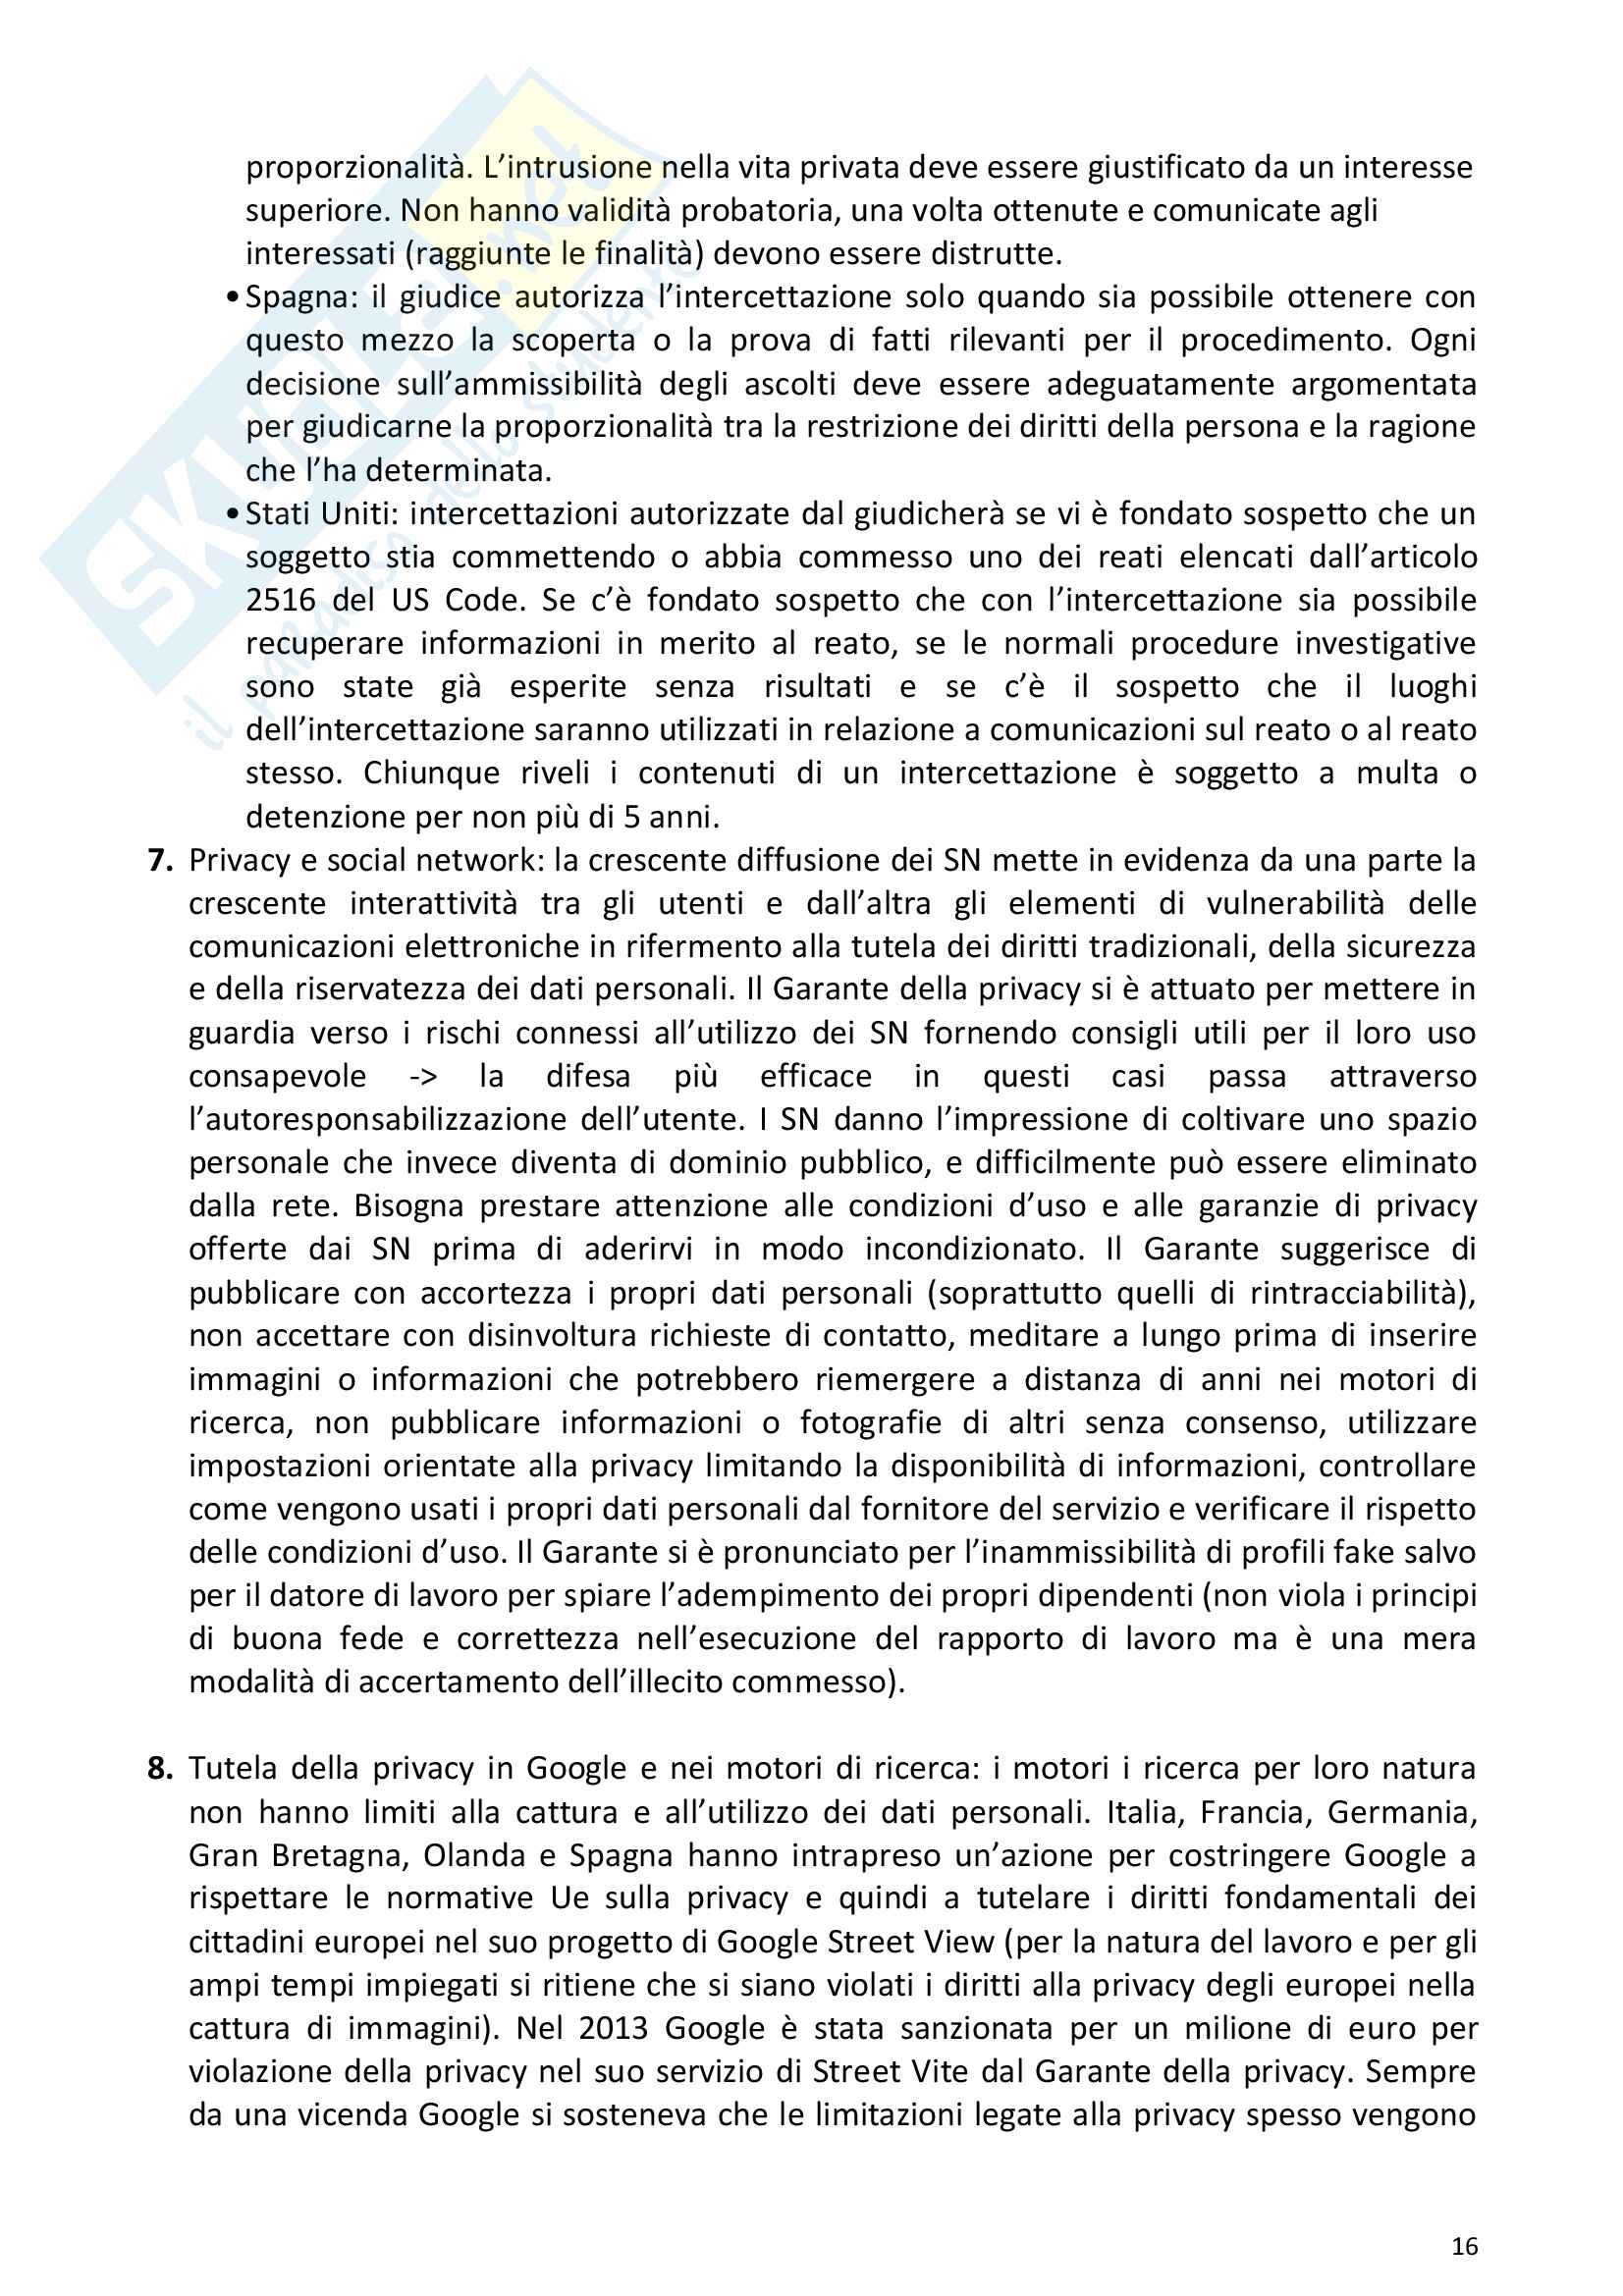 Riassunto esame Diritto della comunicazione per le imprese e i media, prof. Razzante. Libro consigliato Manuale di diritto dell'informazione e della comunicazione (Settima 7 edizione), Razzante (cap. 1,3,5,6,7,8,9) Pag. 16